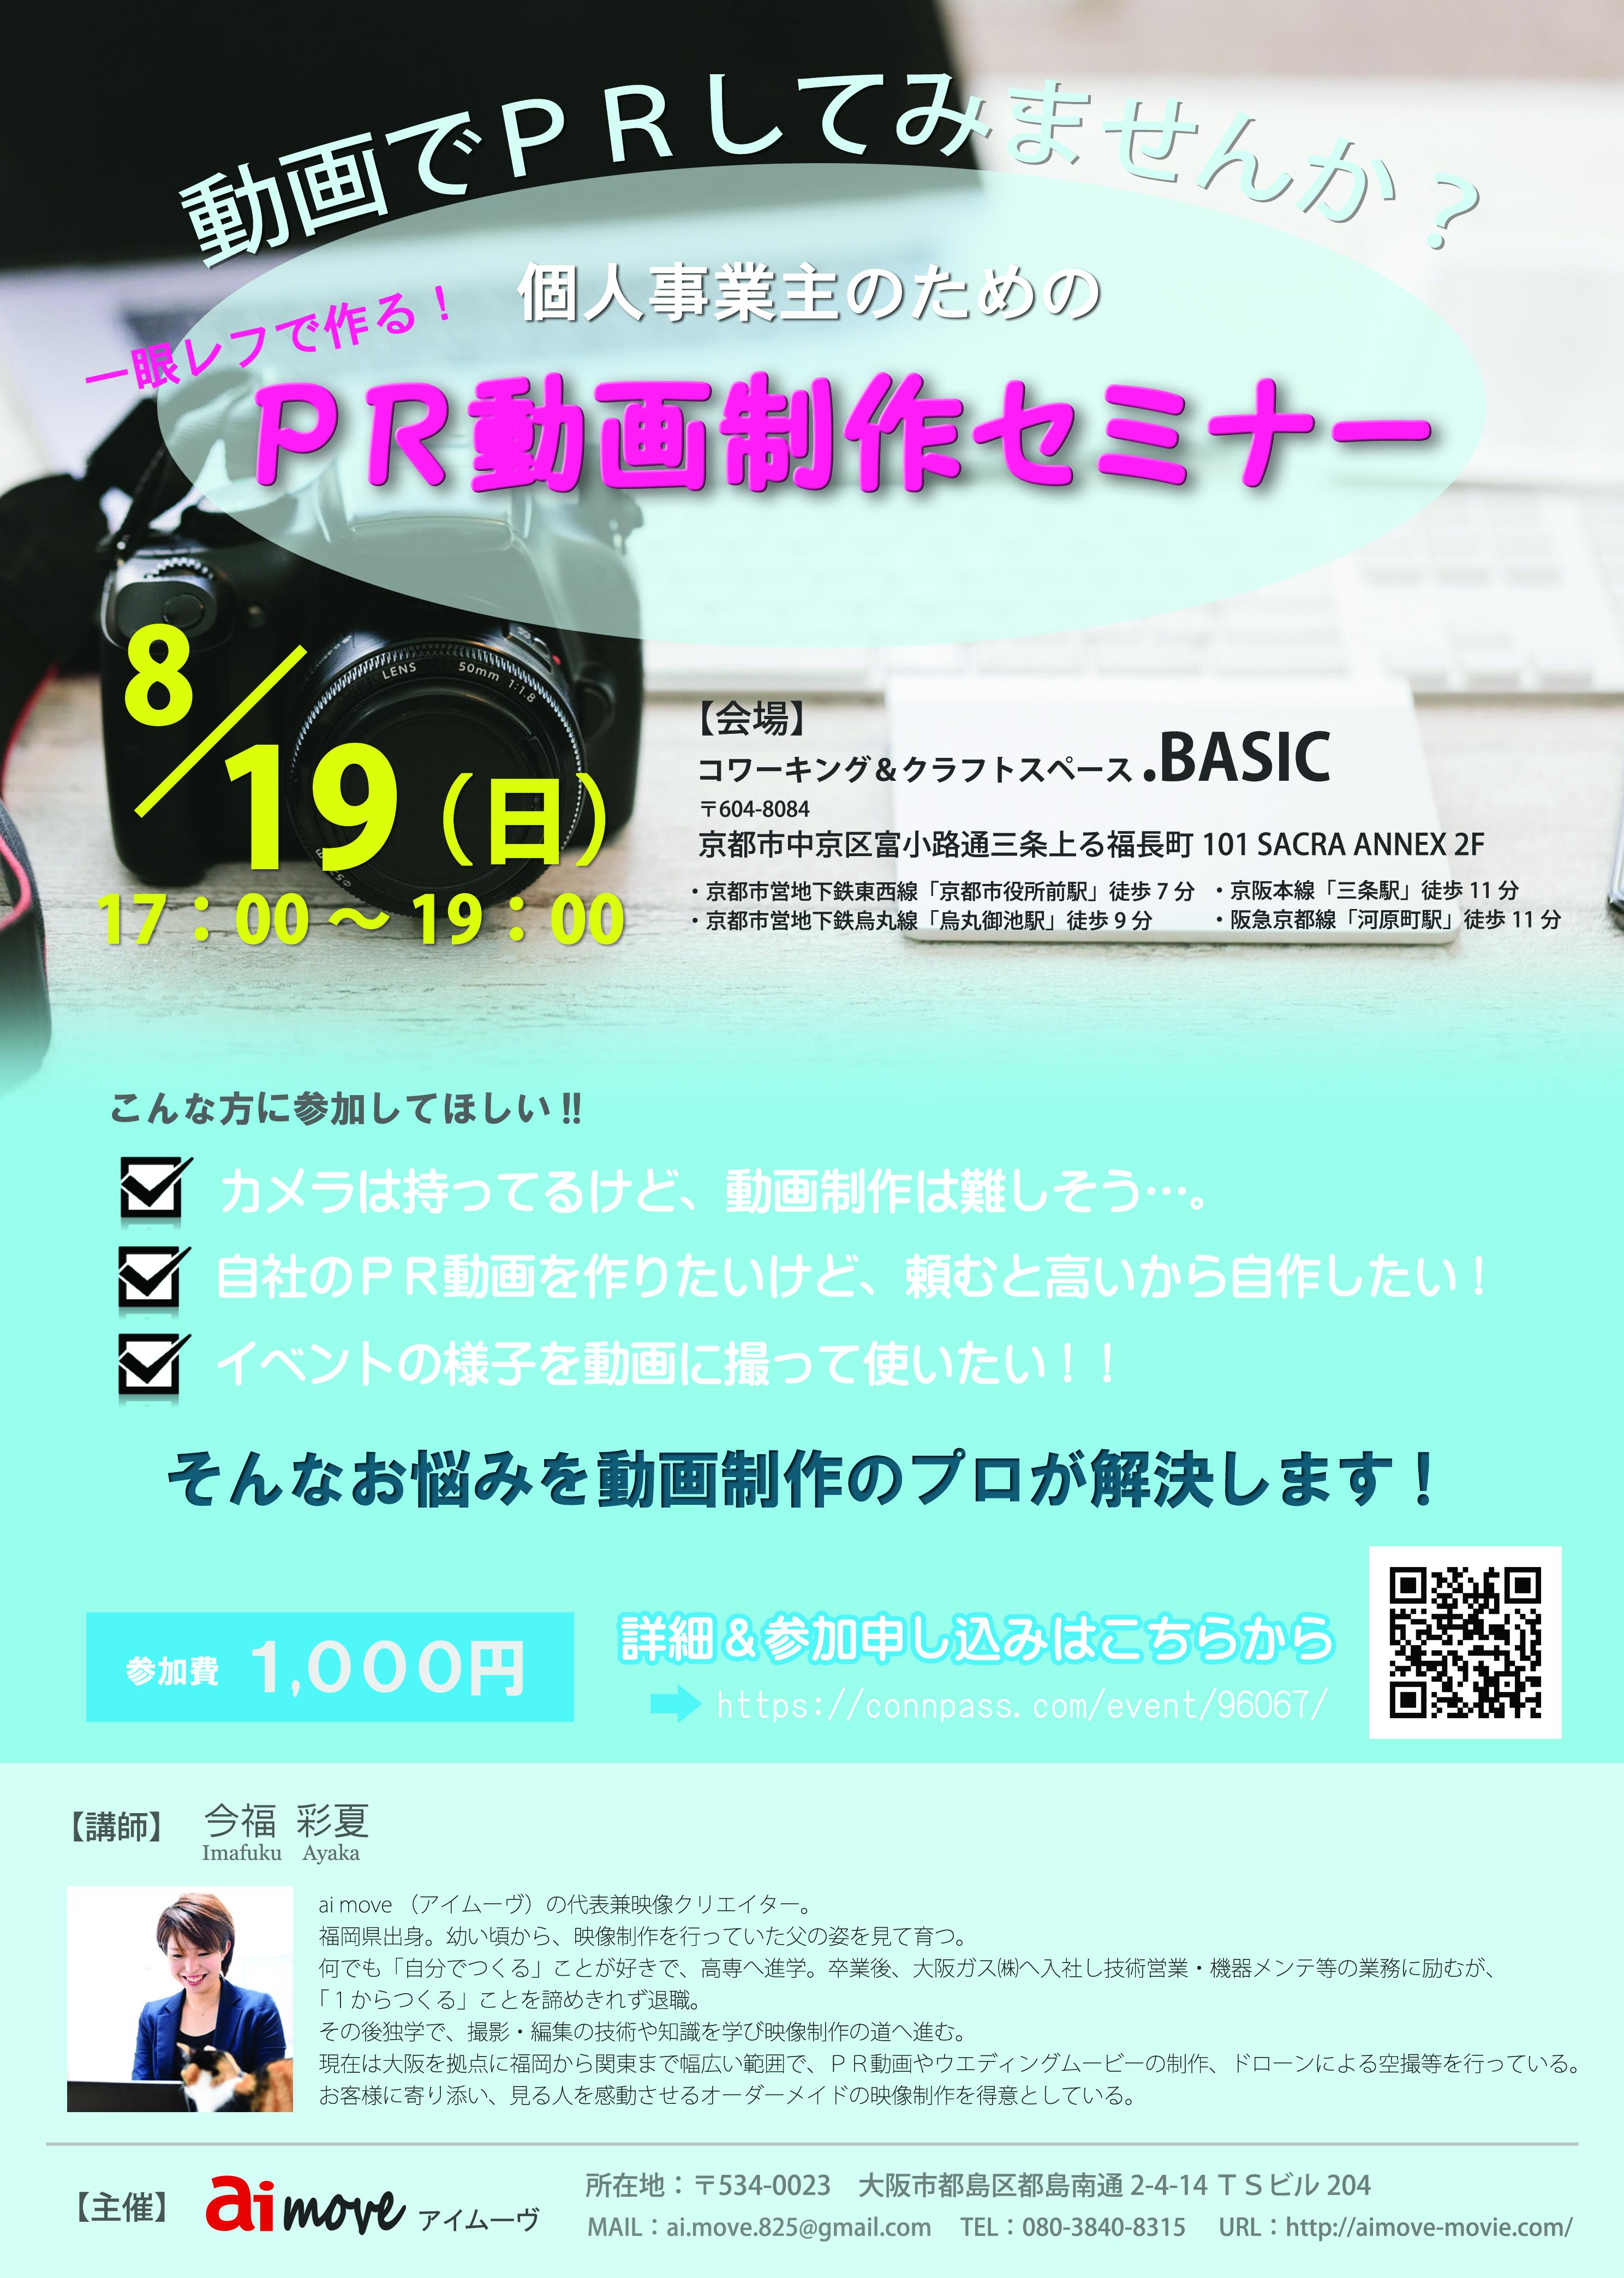 一眼レフで作る!PR動画制作セミナー in 京都